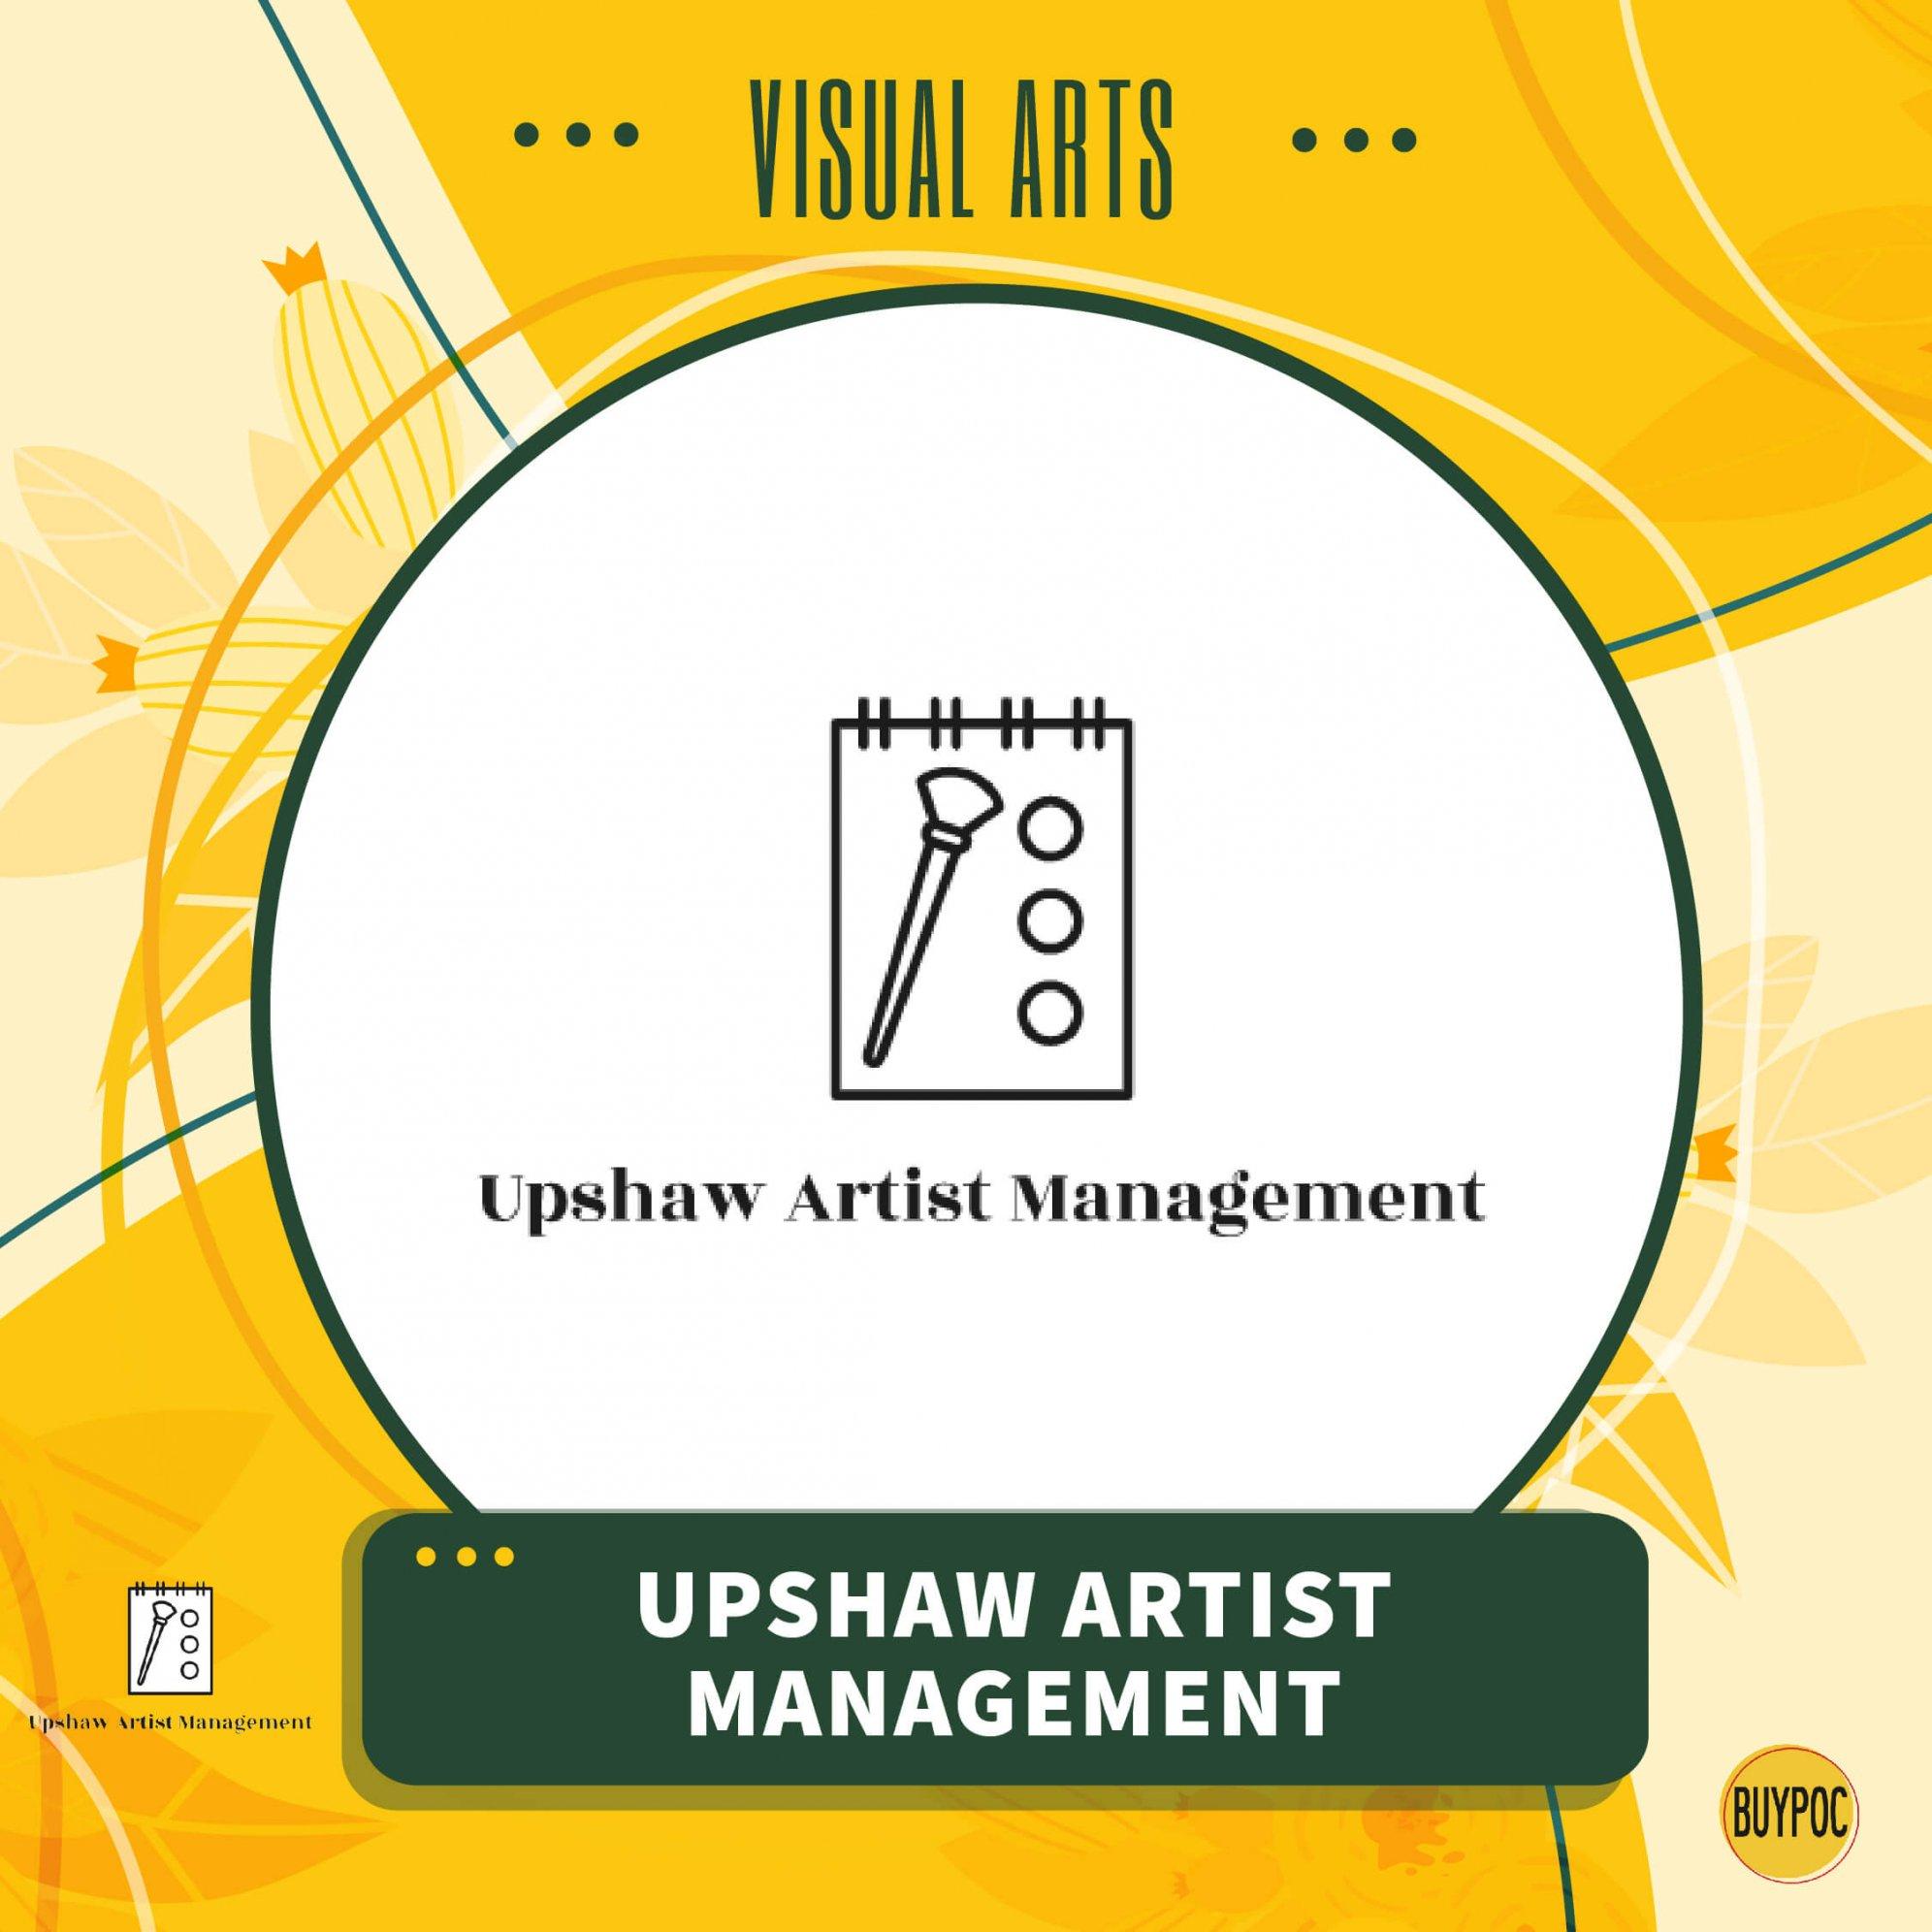 Upshaw Artist Management